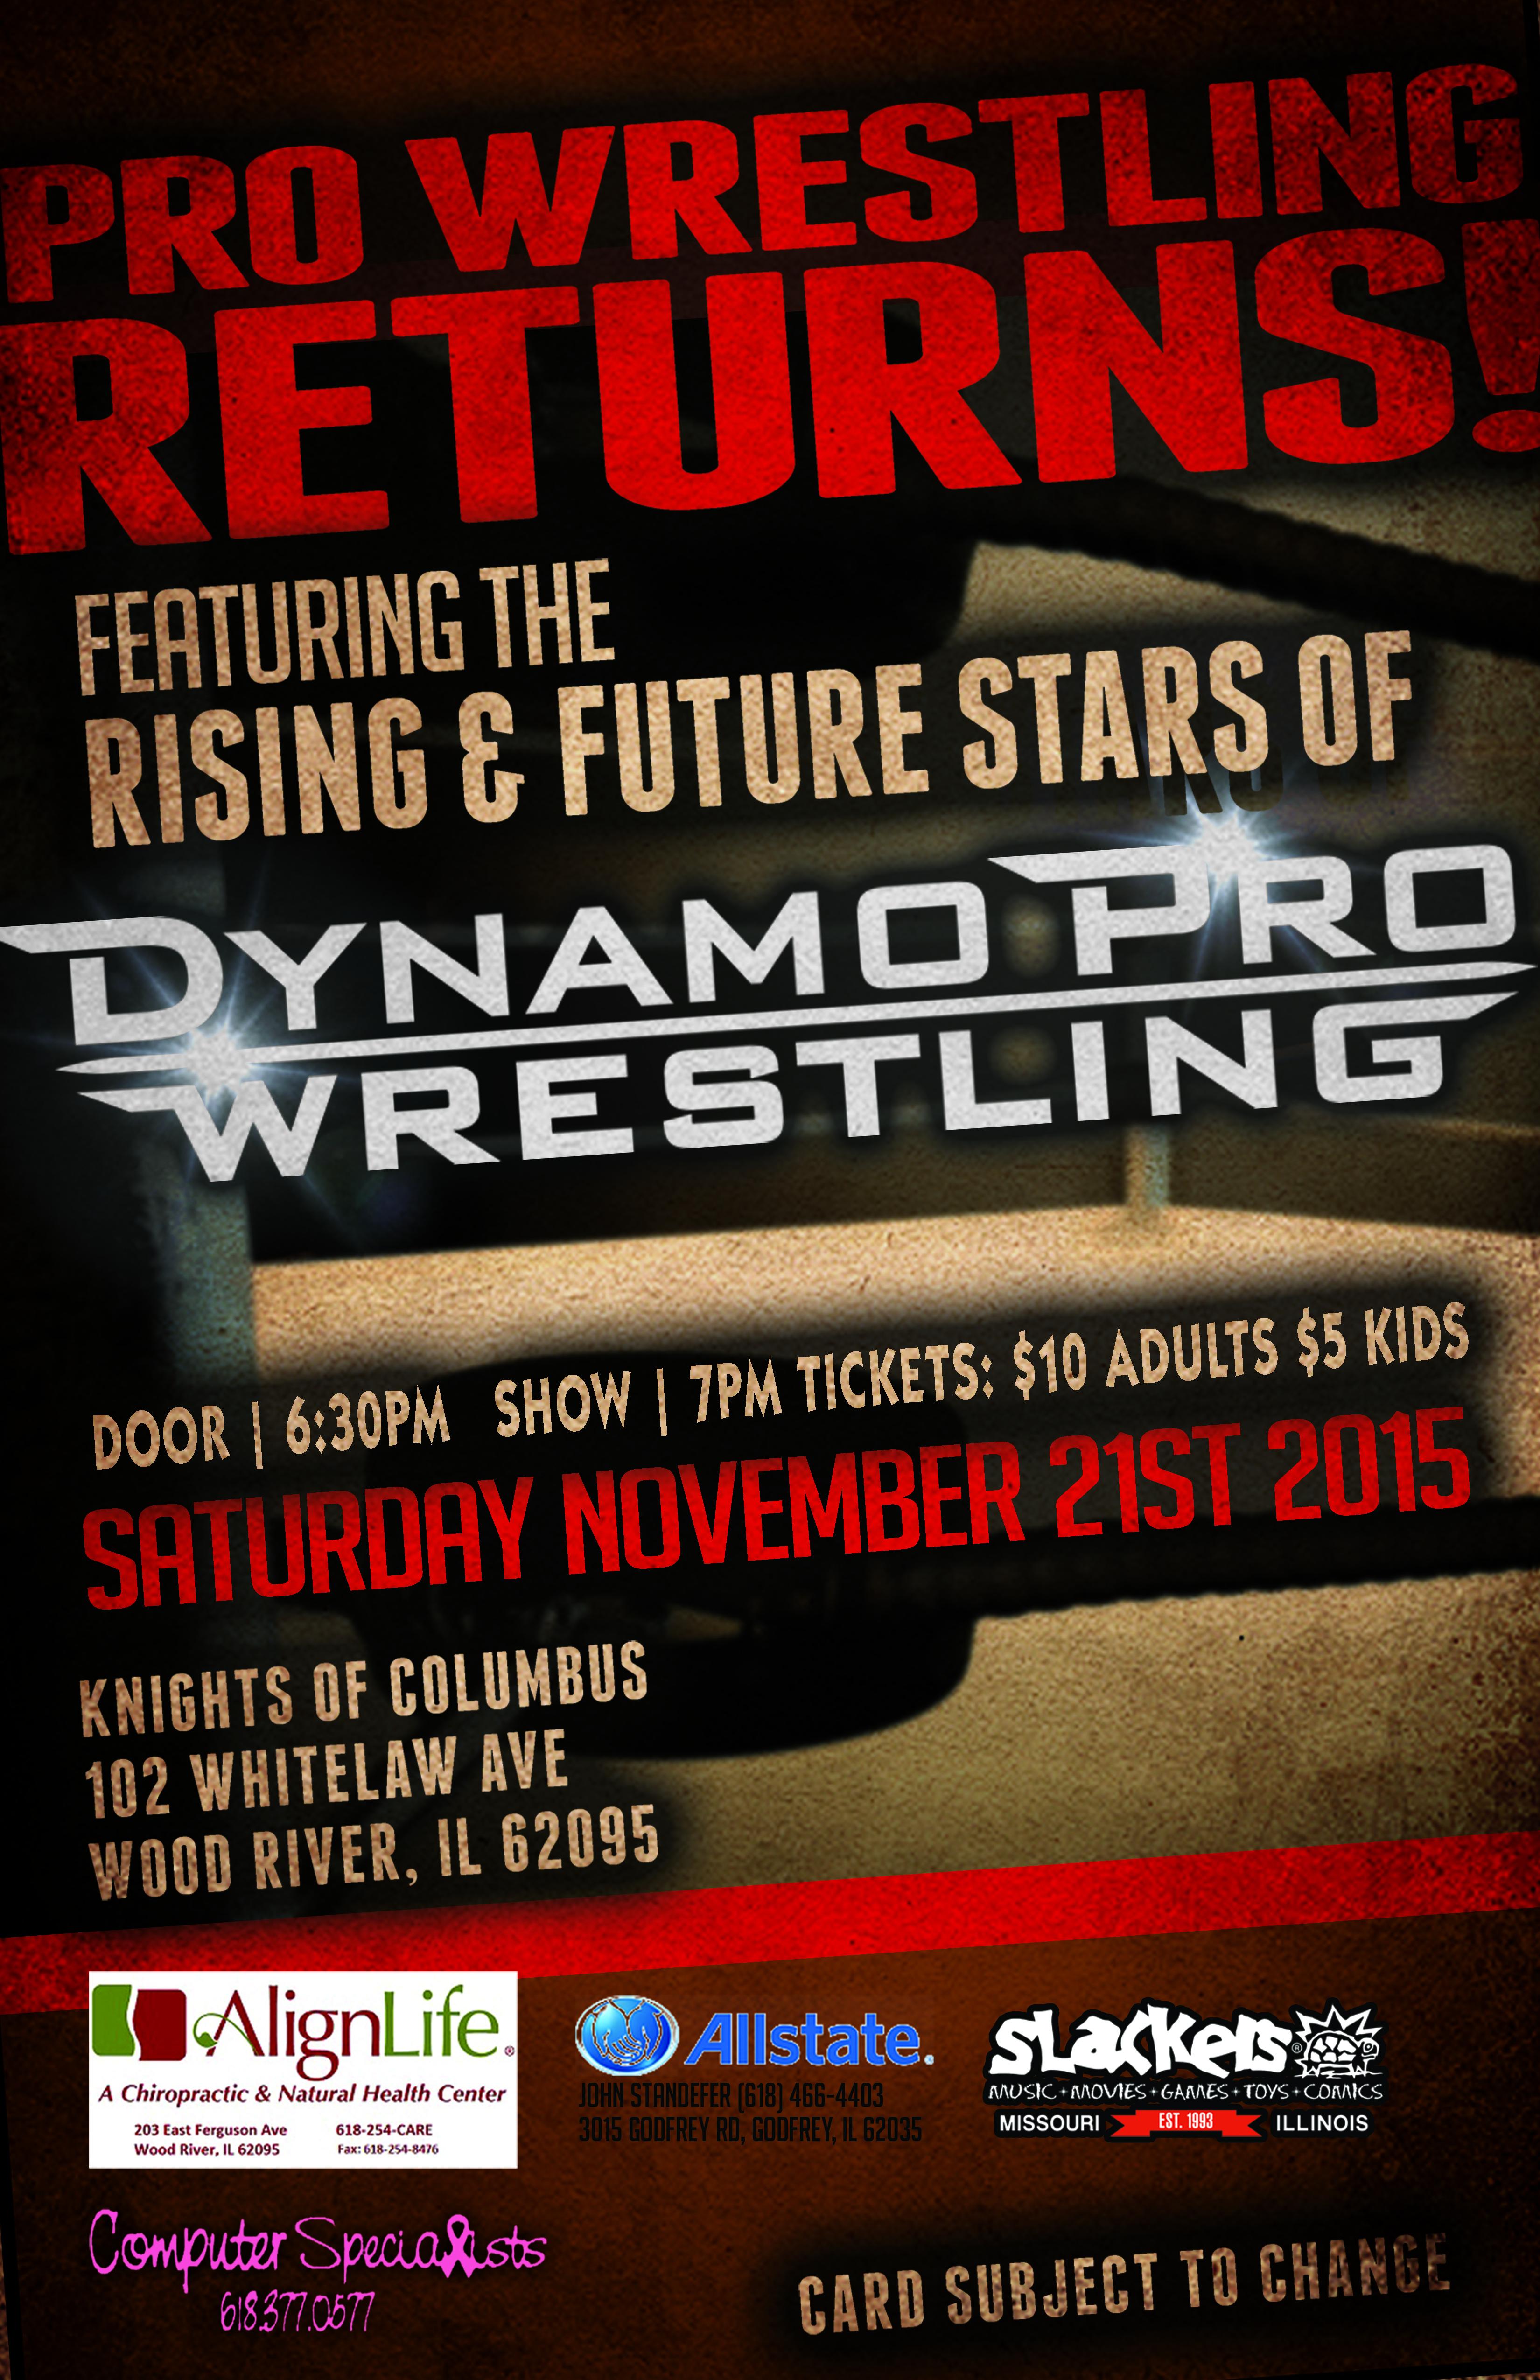 Dynamo Pro Wrestling - 112115